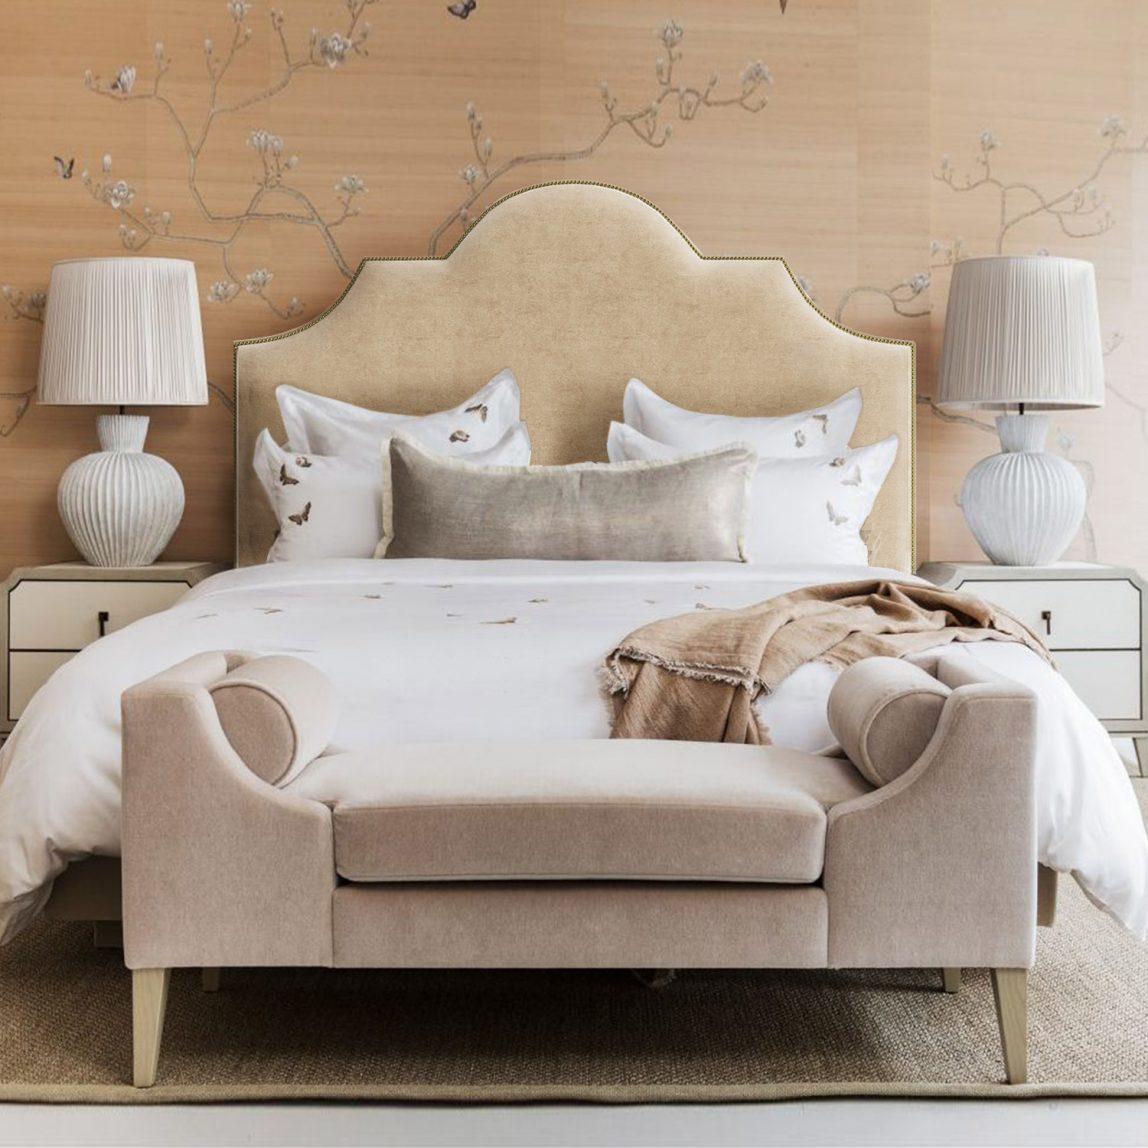 мягкая мебель от компании ЛАВСИТ